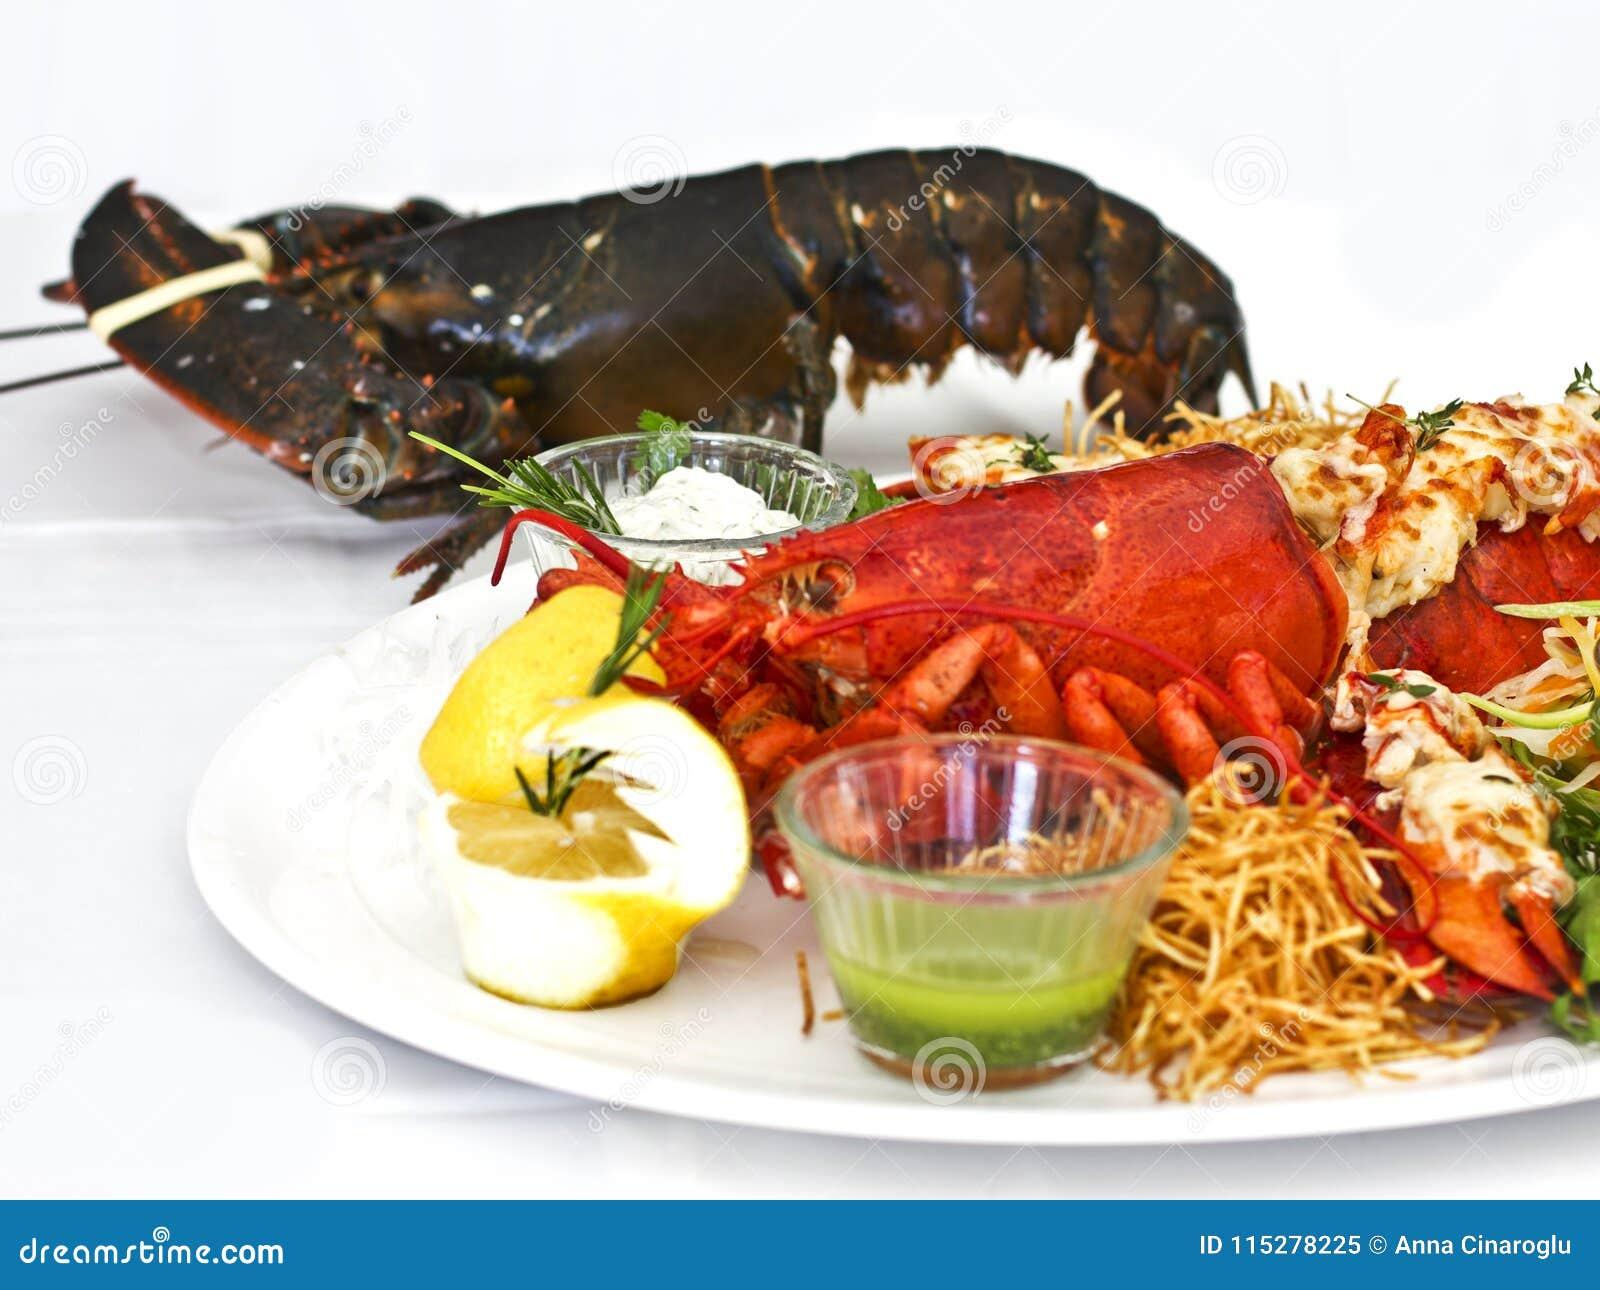 Leef en kookte zeekreeft met groenten op een witte plaat Isolat